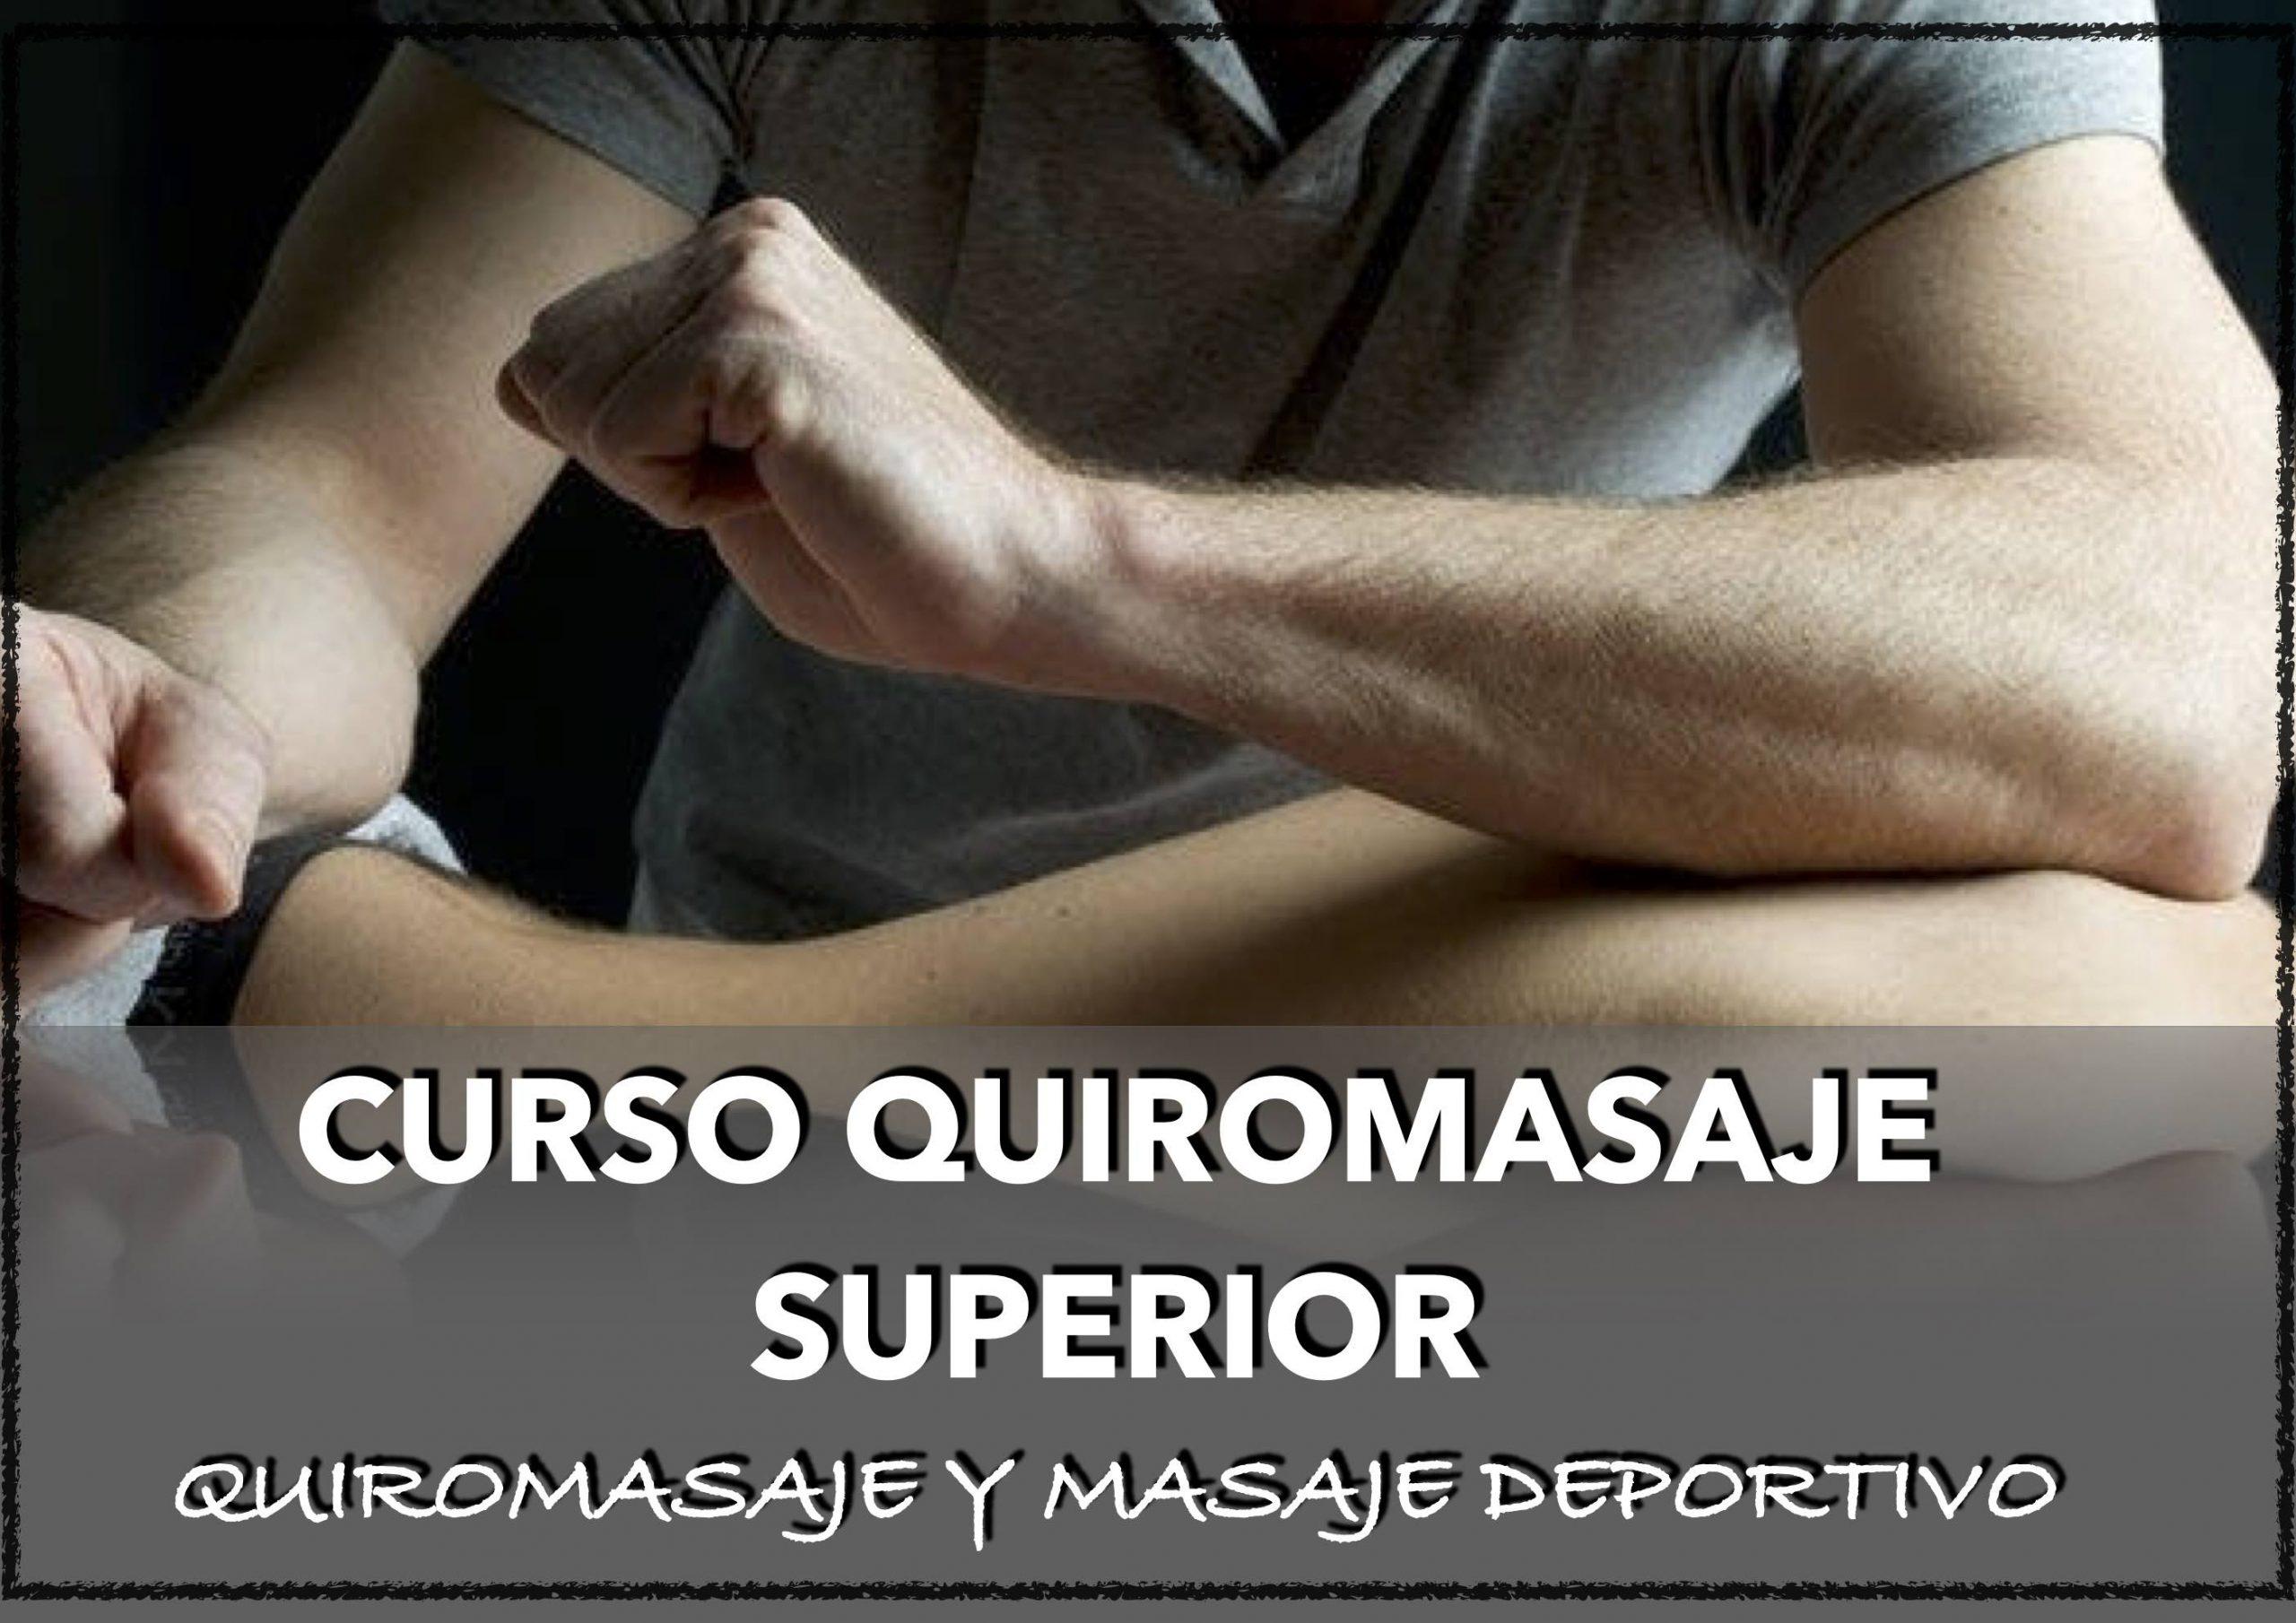 CURSO QUIROMASAJE Y MASAJE DEPORTIVO EN CHICLANA CADIZ SEVILLA  IBIZA HUELVA